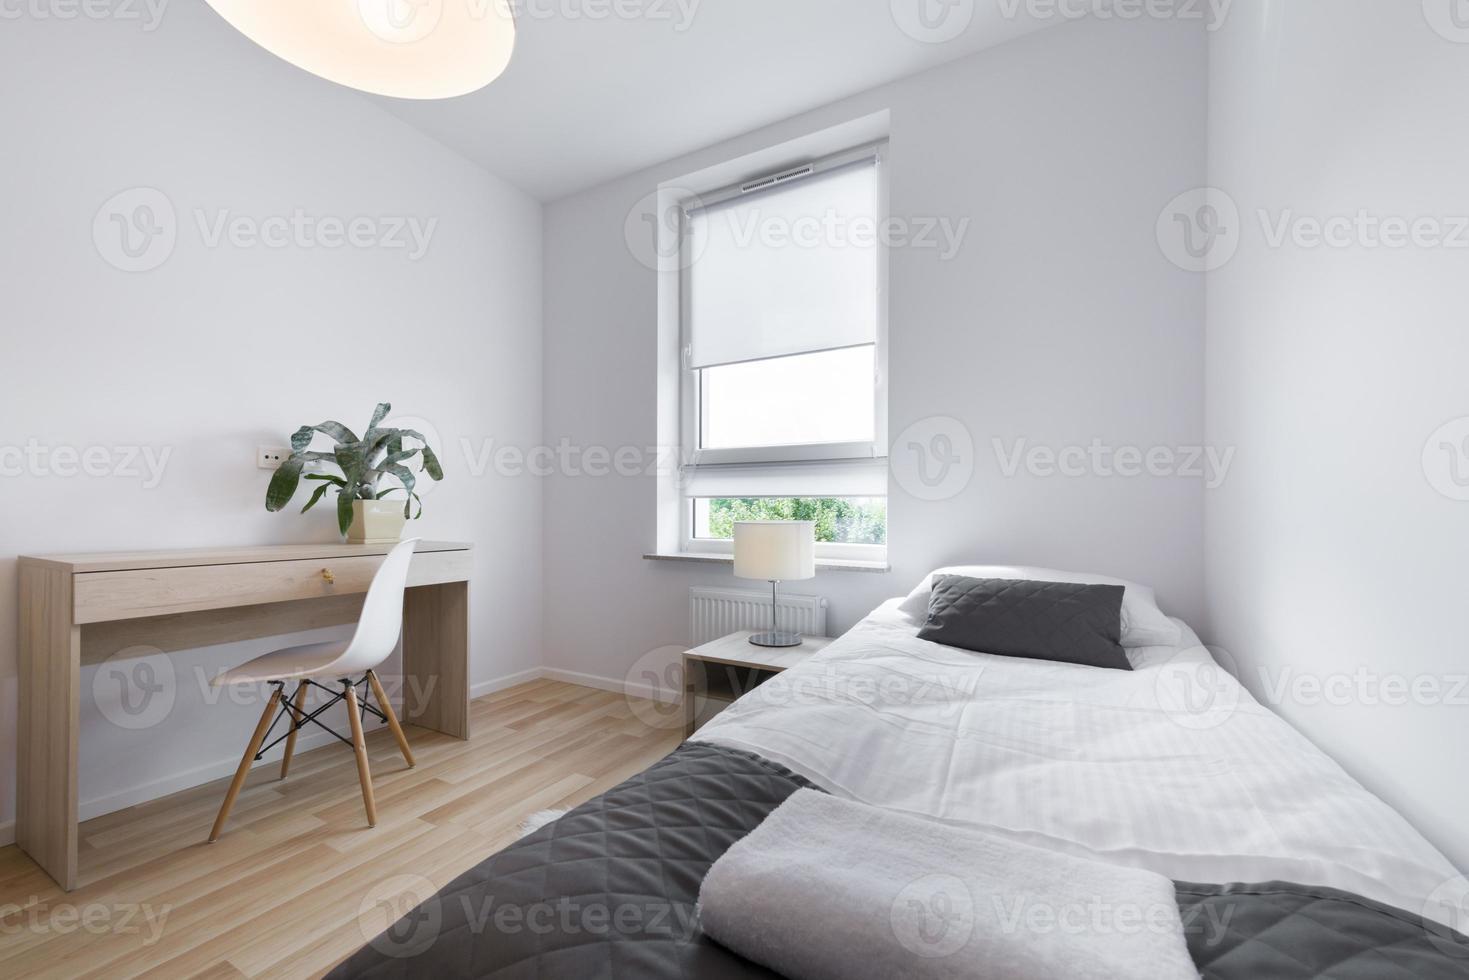 design de interiores pequeno e moderno do quarto de dormir foto